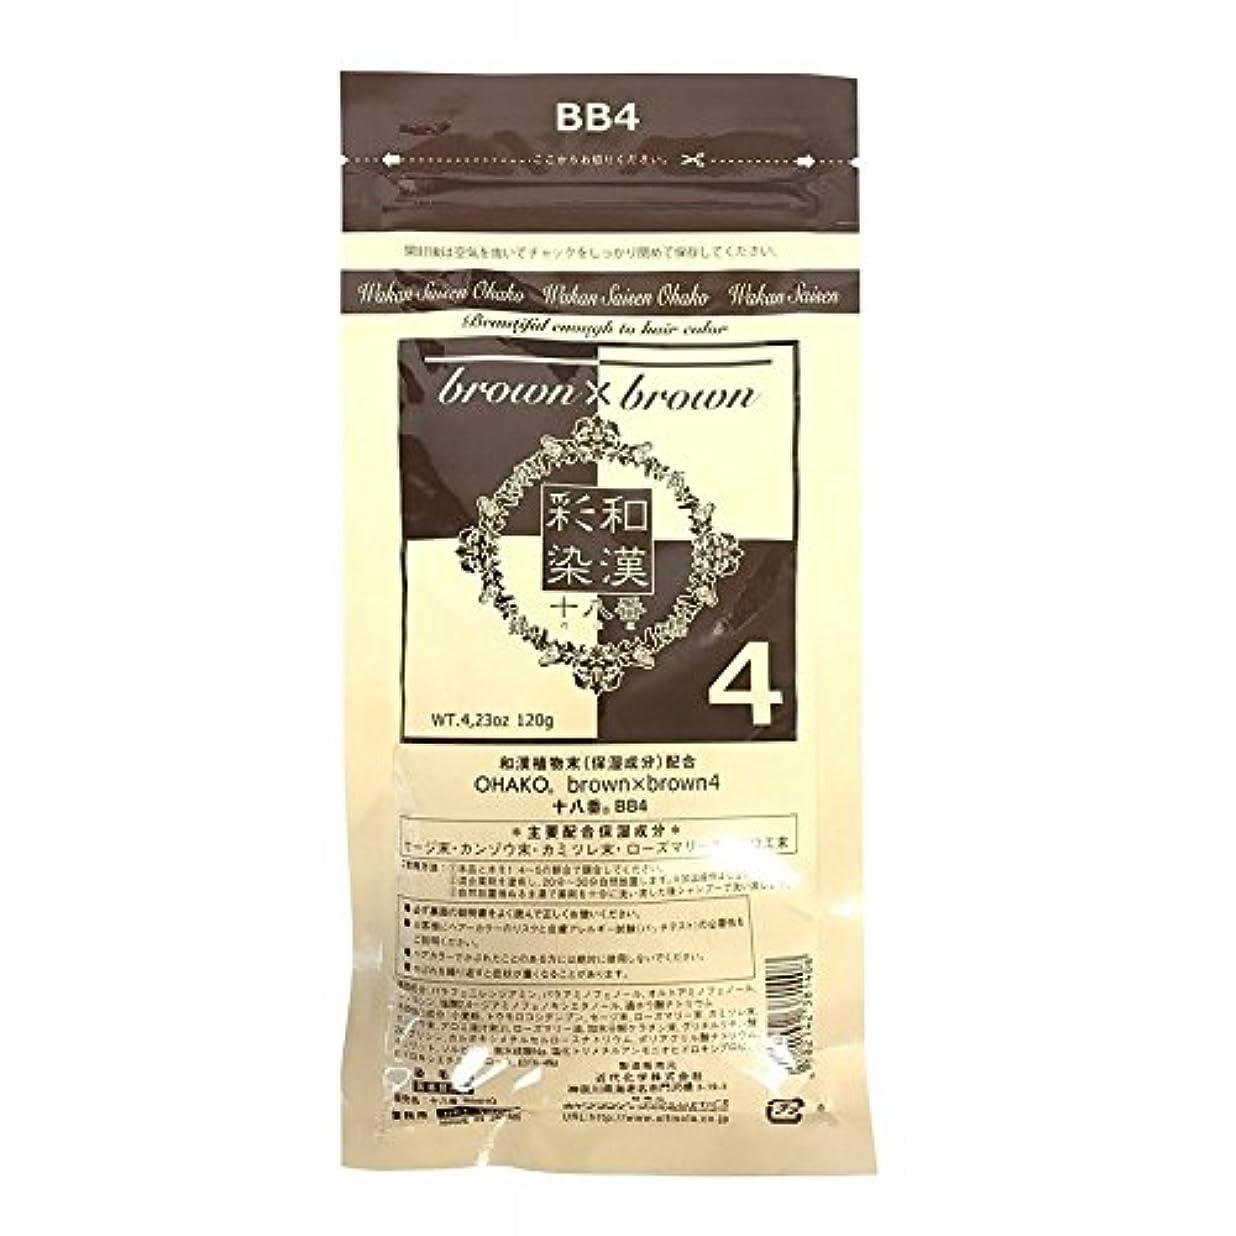 フィードオン文房具装置グランデックス 和漢彩染 ブロコローレ BB4 120g